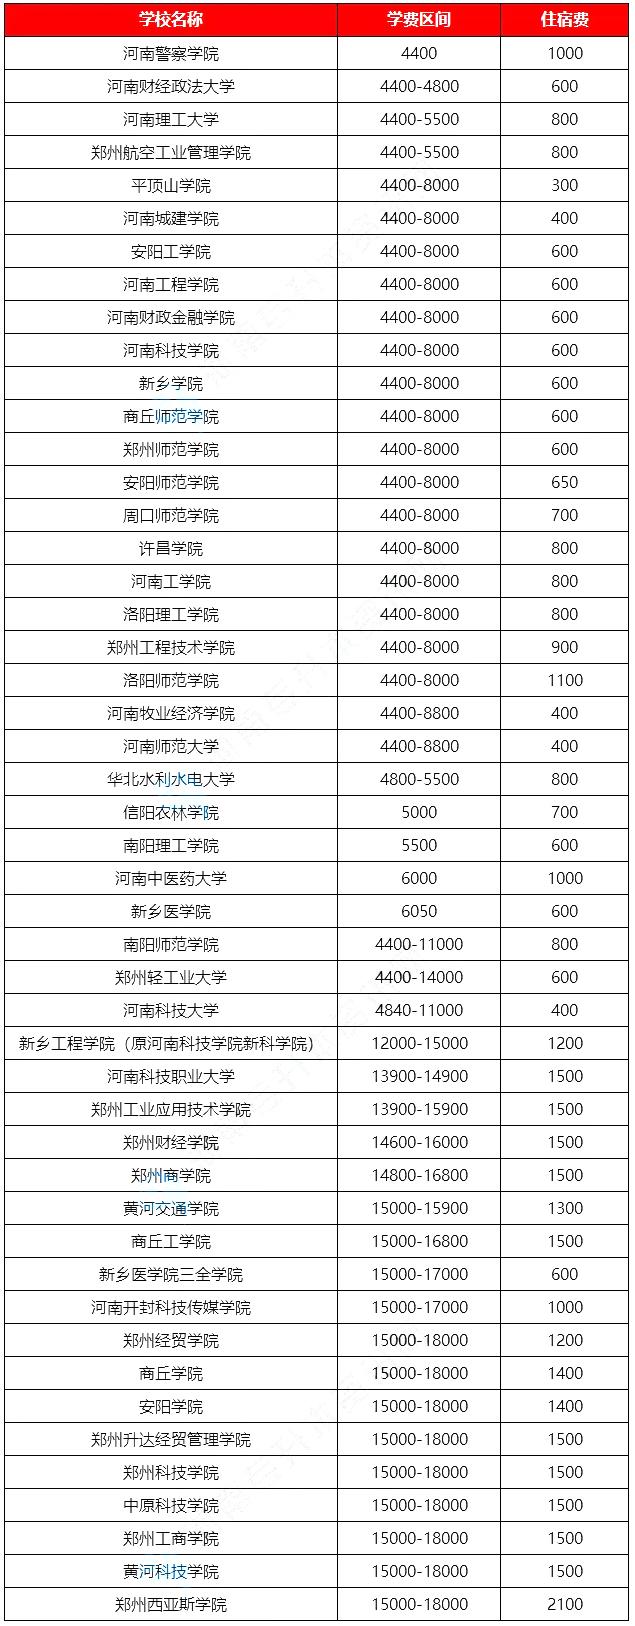 2021年河南专升本各招生院校学费一览表